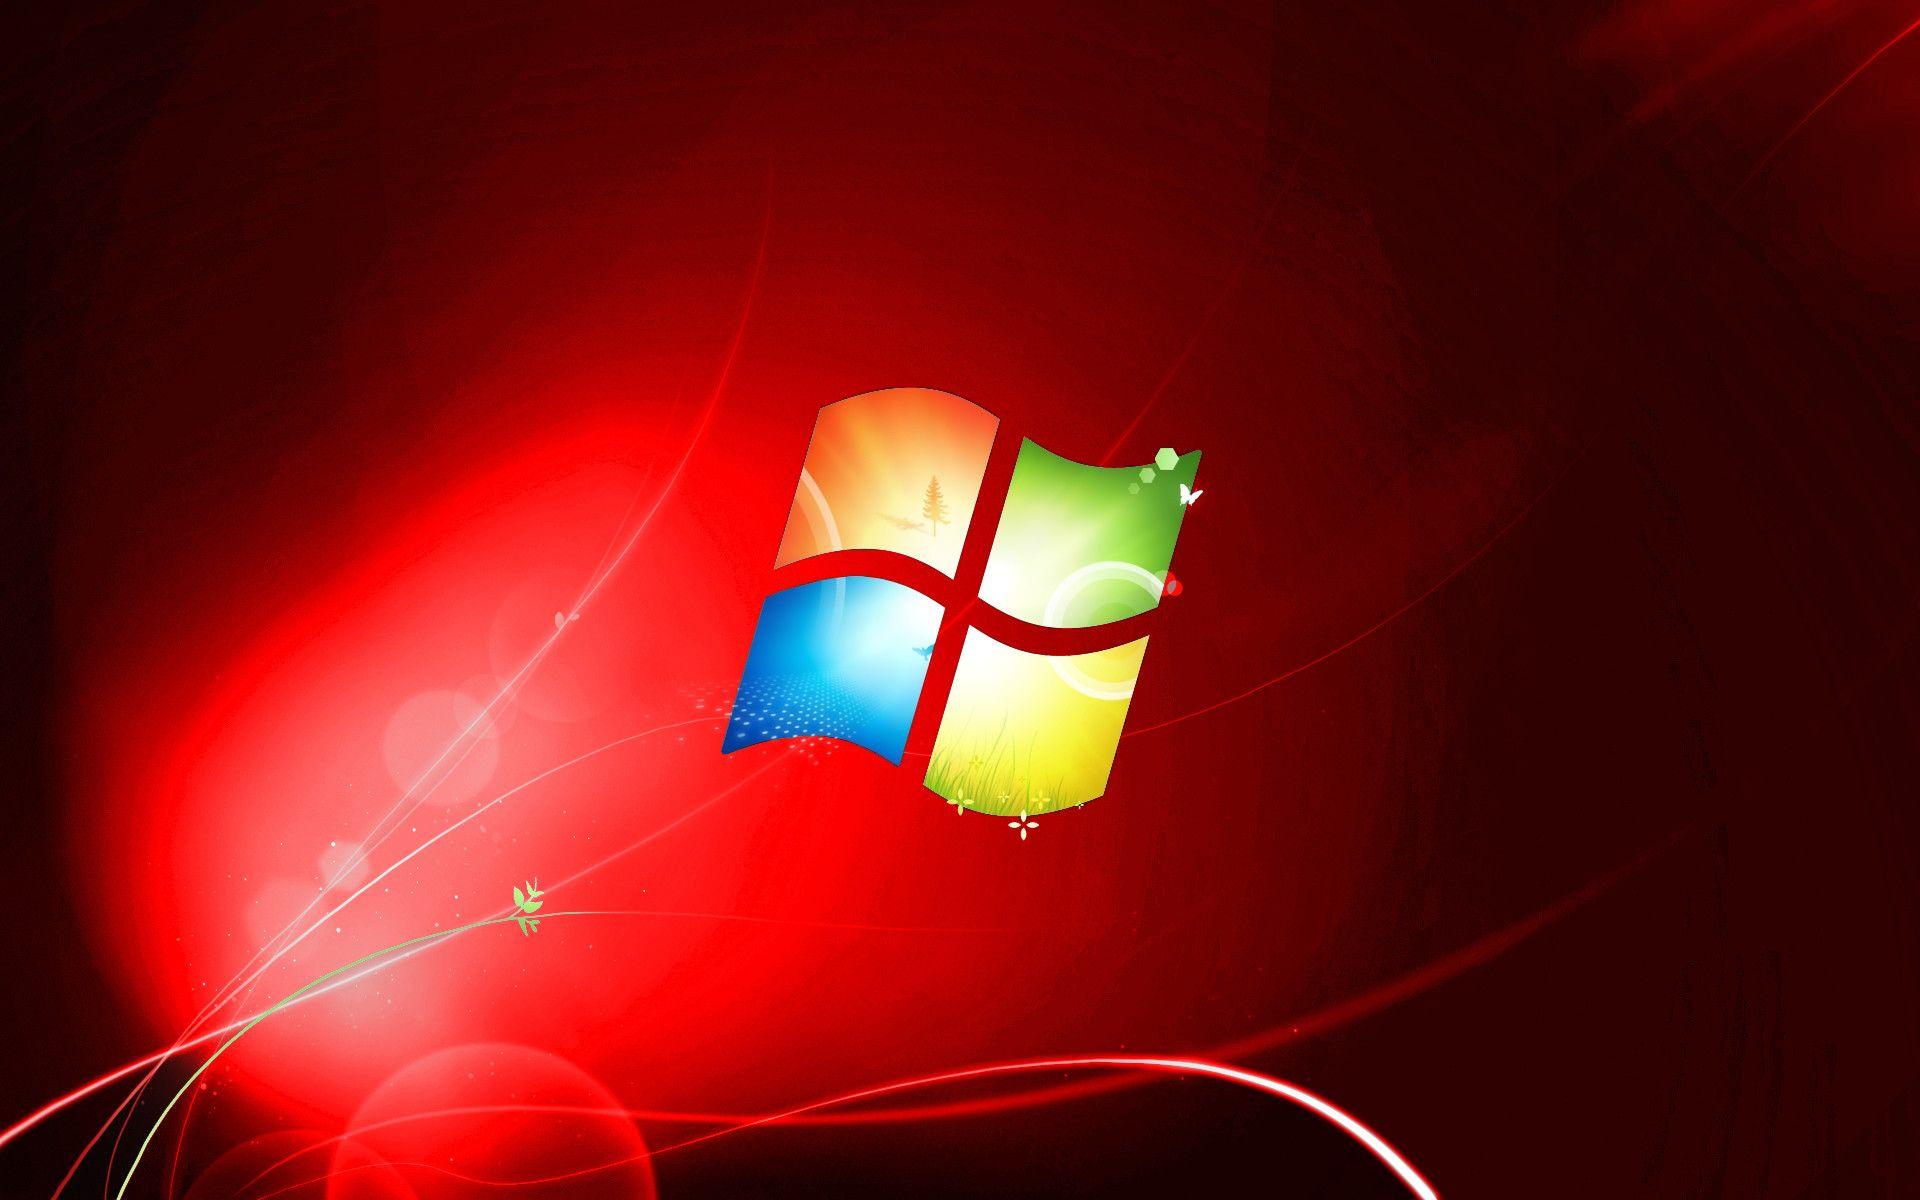 Windows 10 Wallpaper Broken Mywallpapers Site In 2020 Windows Wallpaper Blue Wallpapers Best Windows